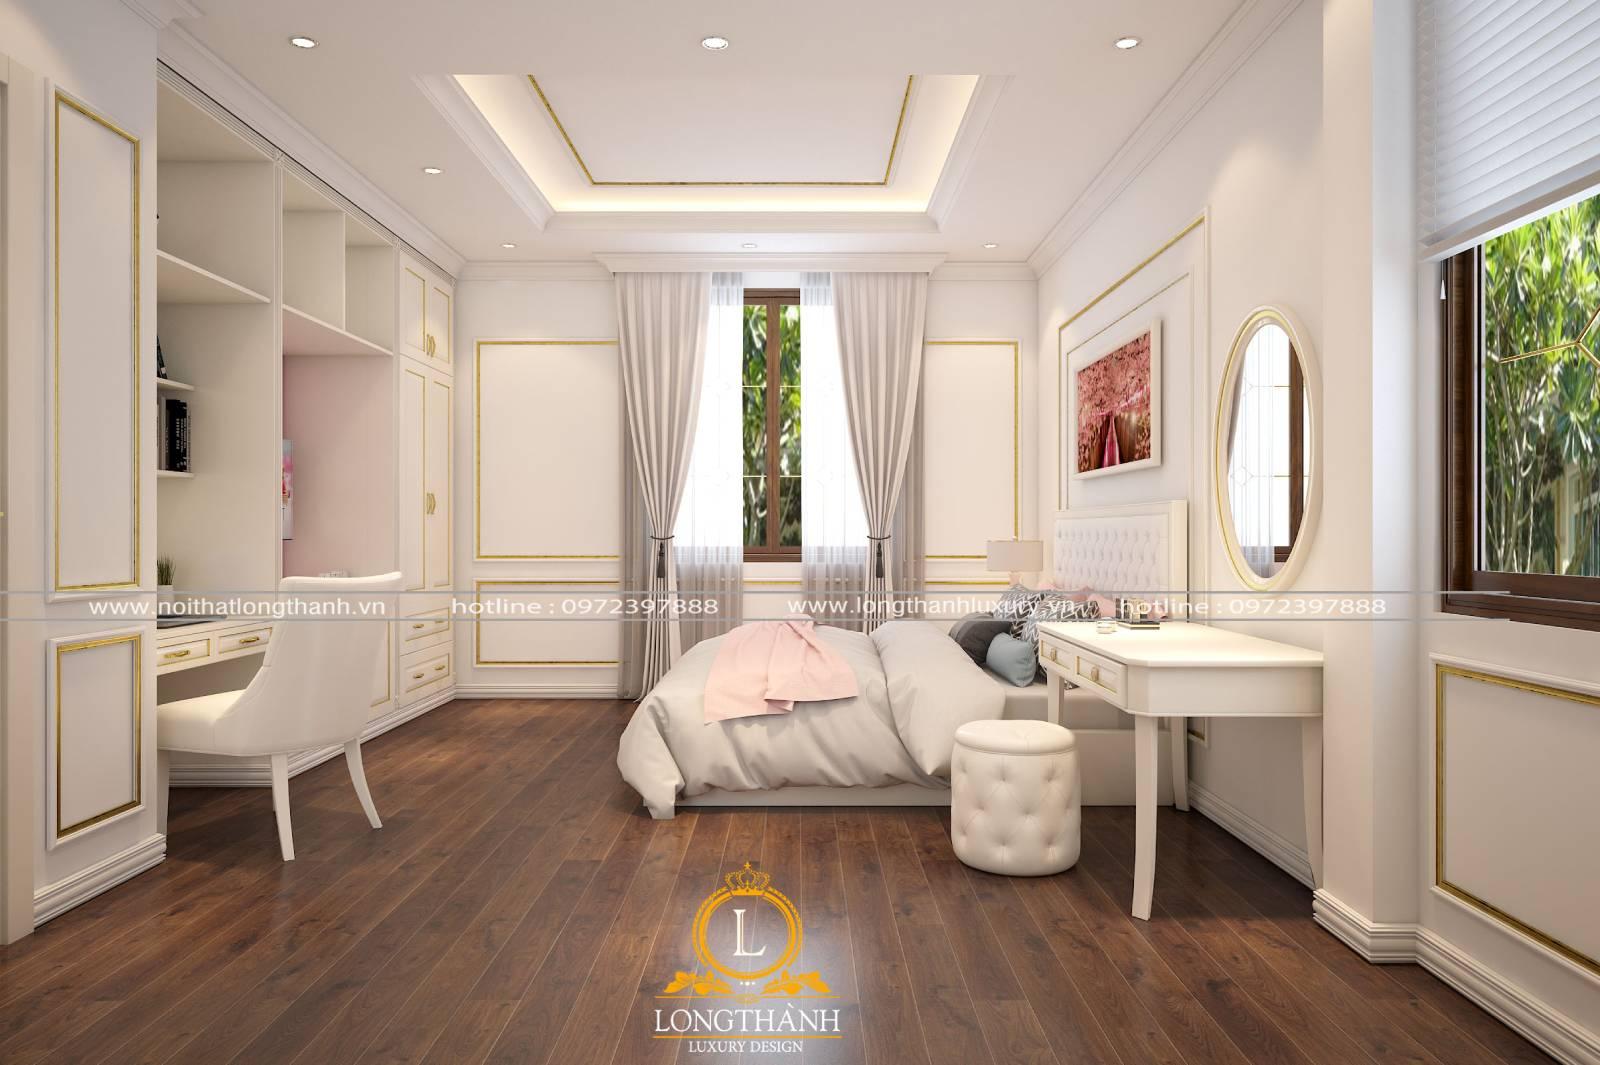 Thiết kế nội thất phòng ngủ tân cổ điển màu trắng nhẹ nhàng cho các cô gái trẻ